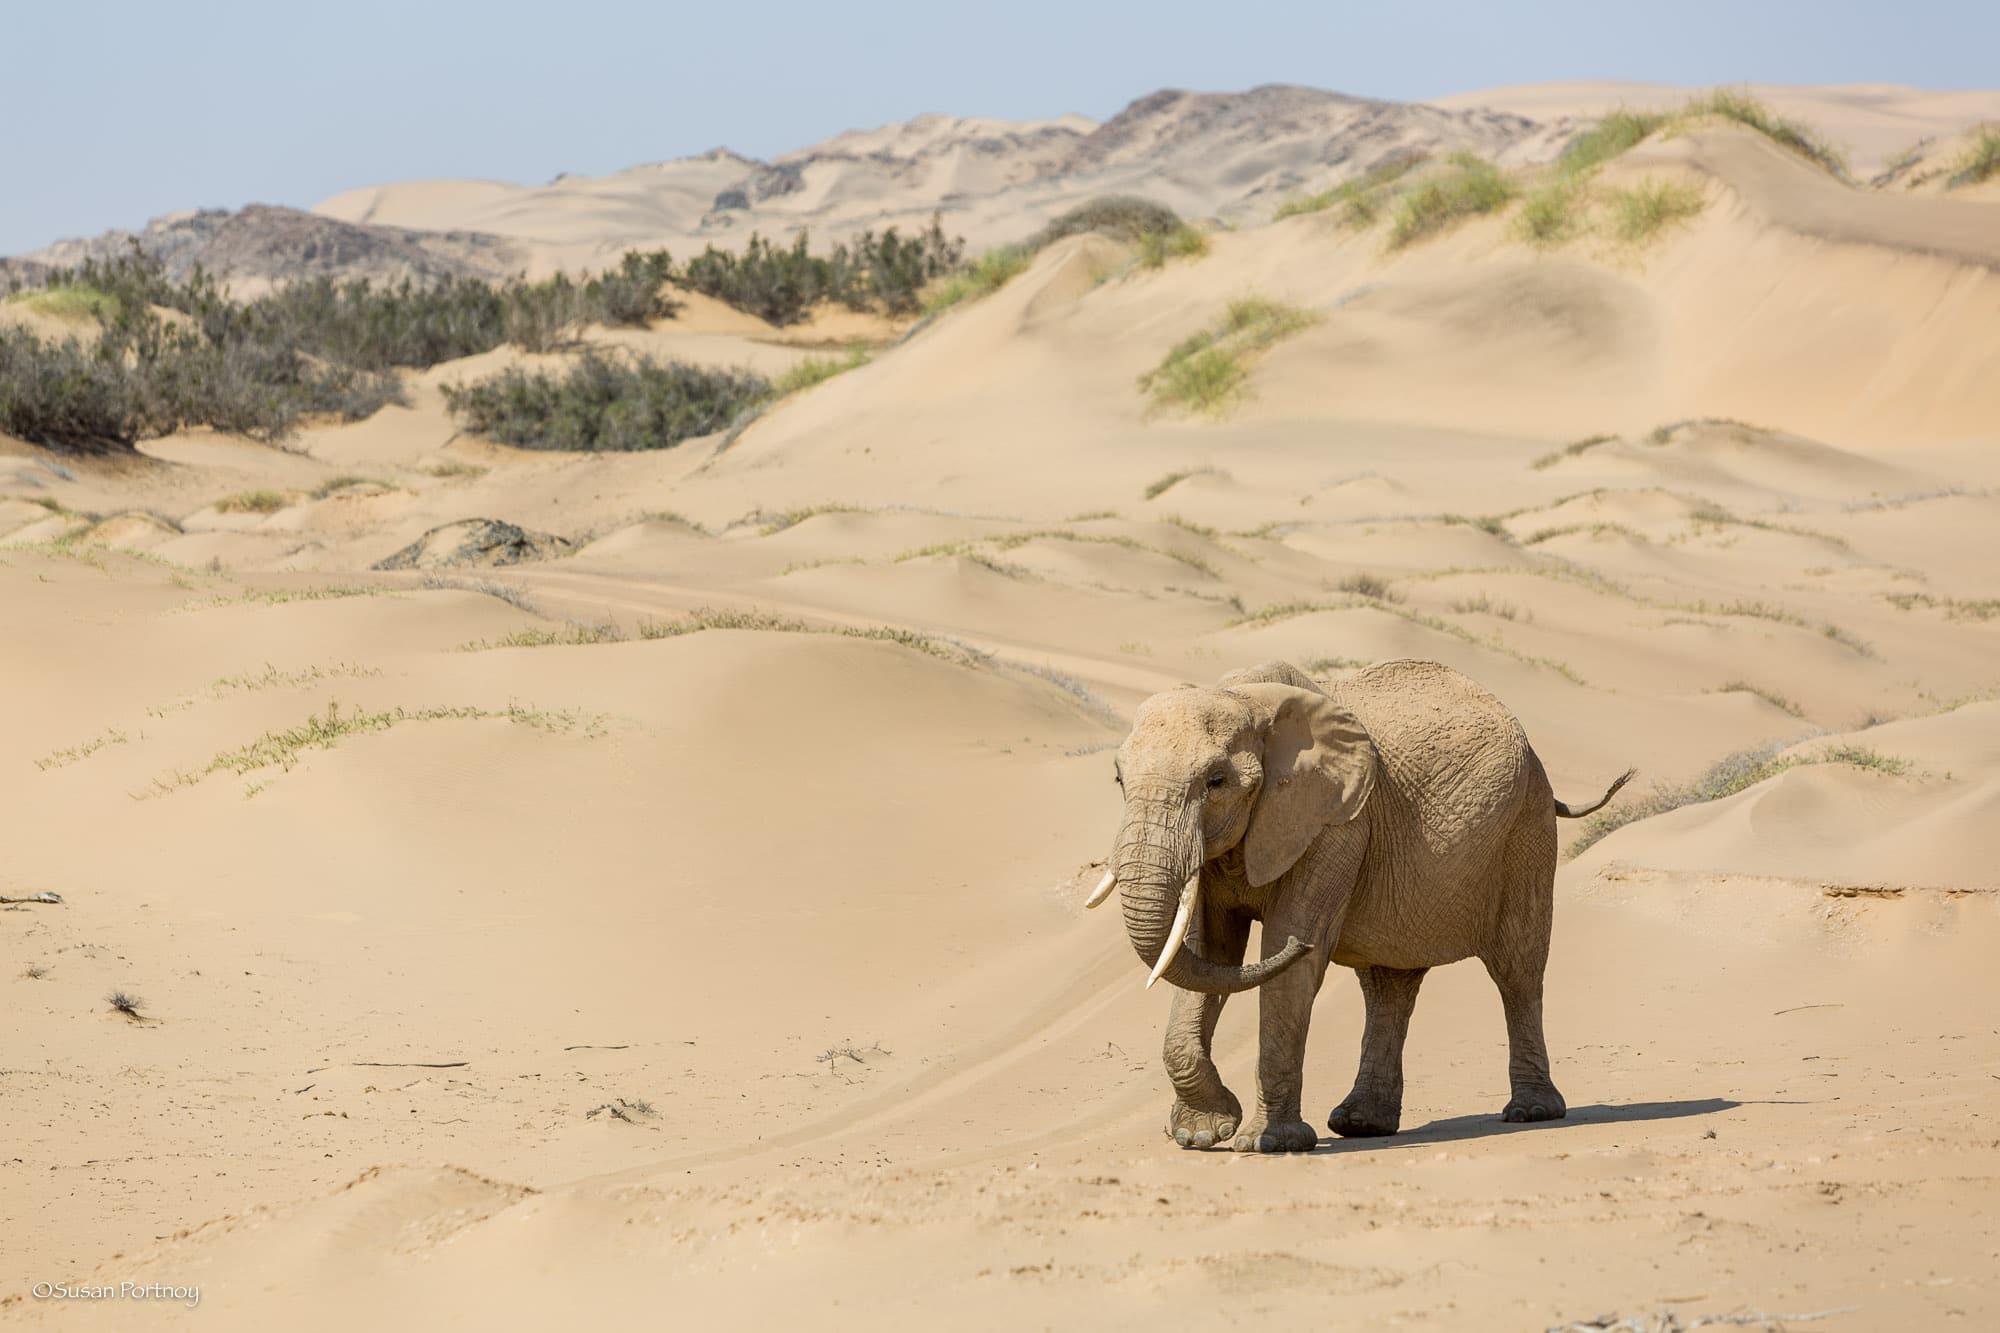 Female elephant in Namibian desert